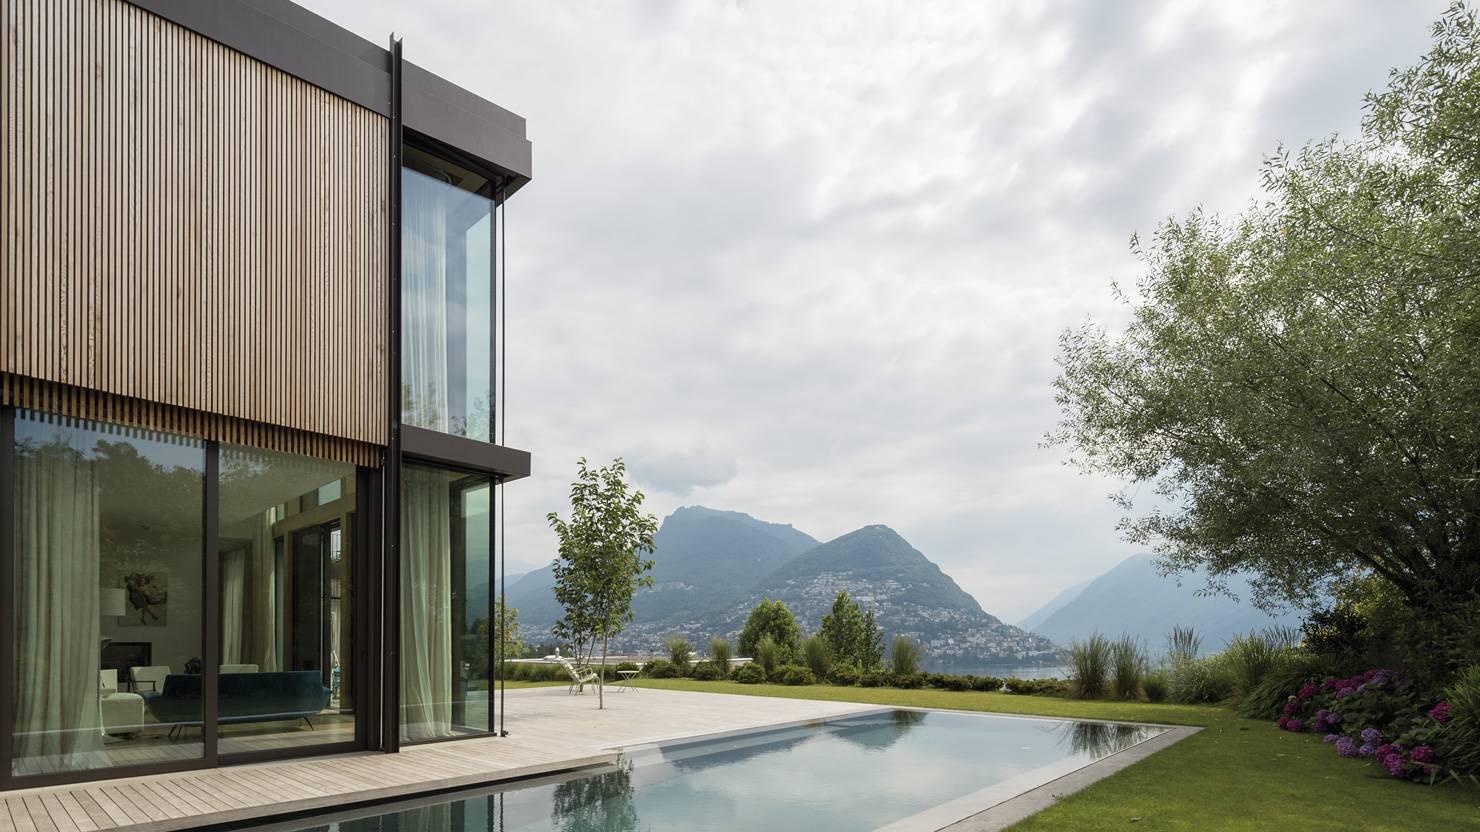 facciata-alzante-scorrevole-acciaio-zincato-villa-sul-lago-maria-venco-corinna-cappa-3_project_big